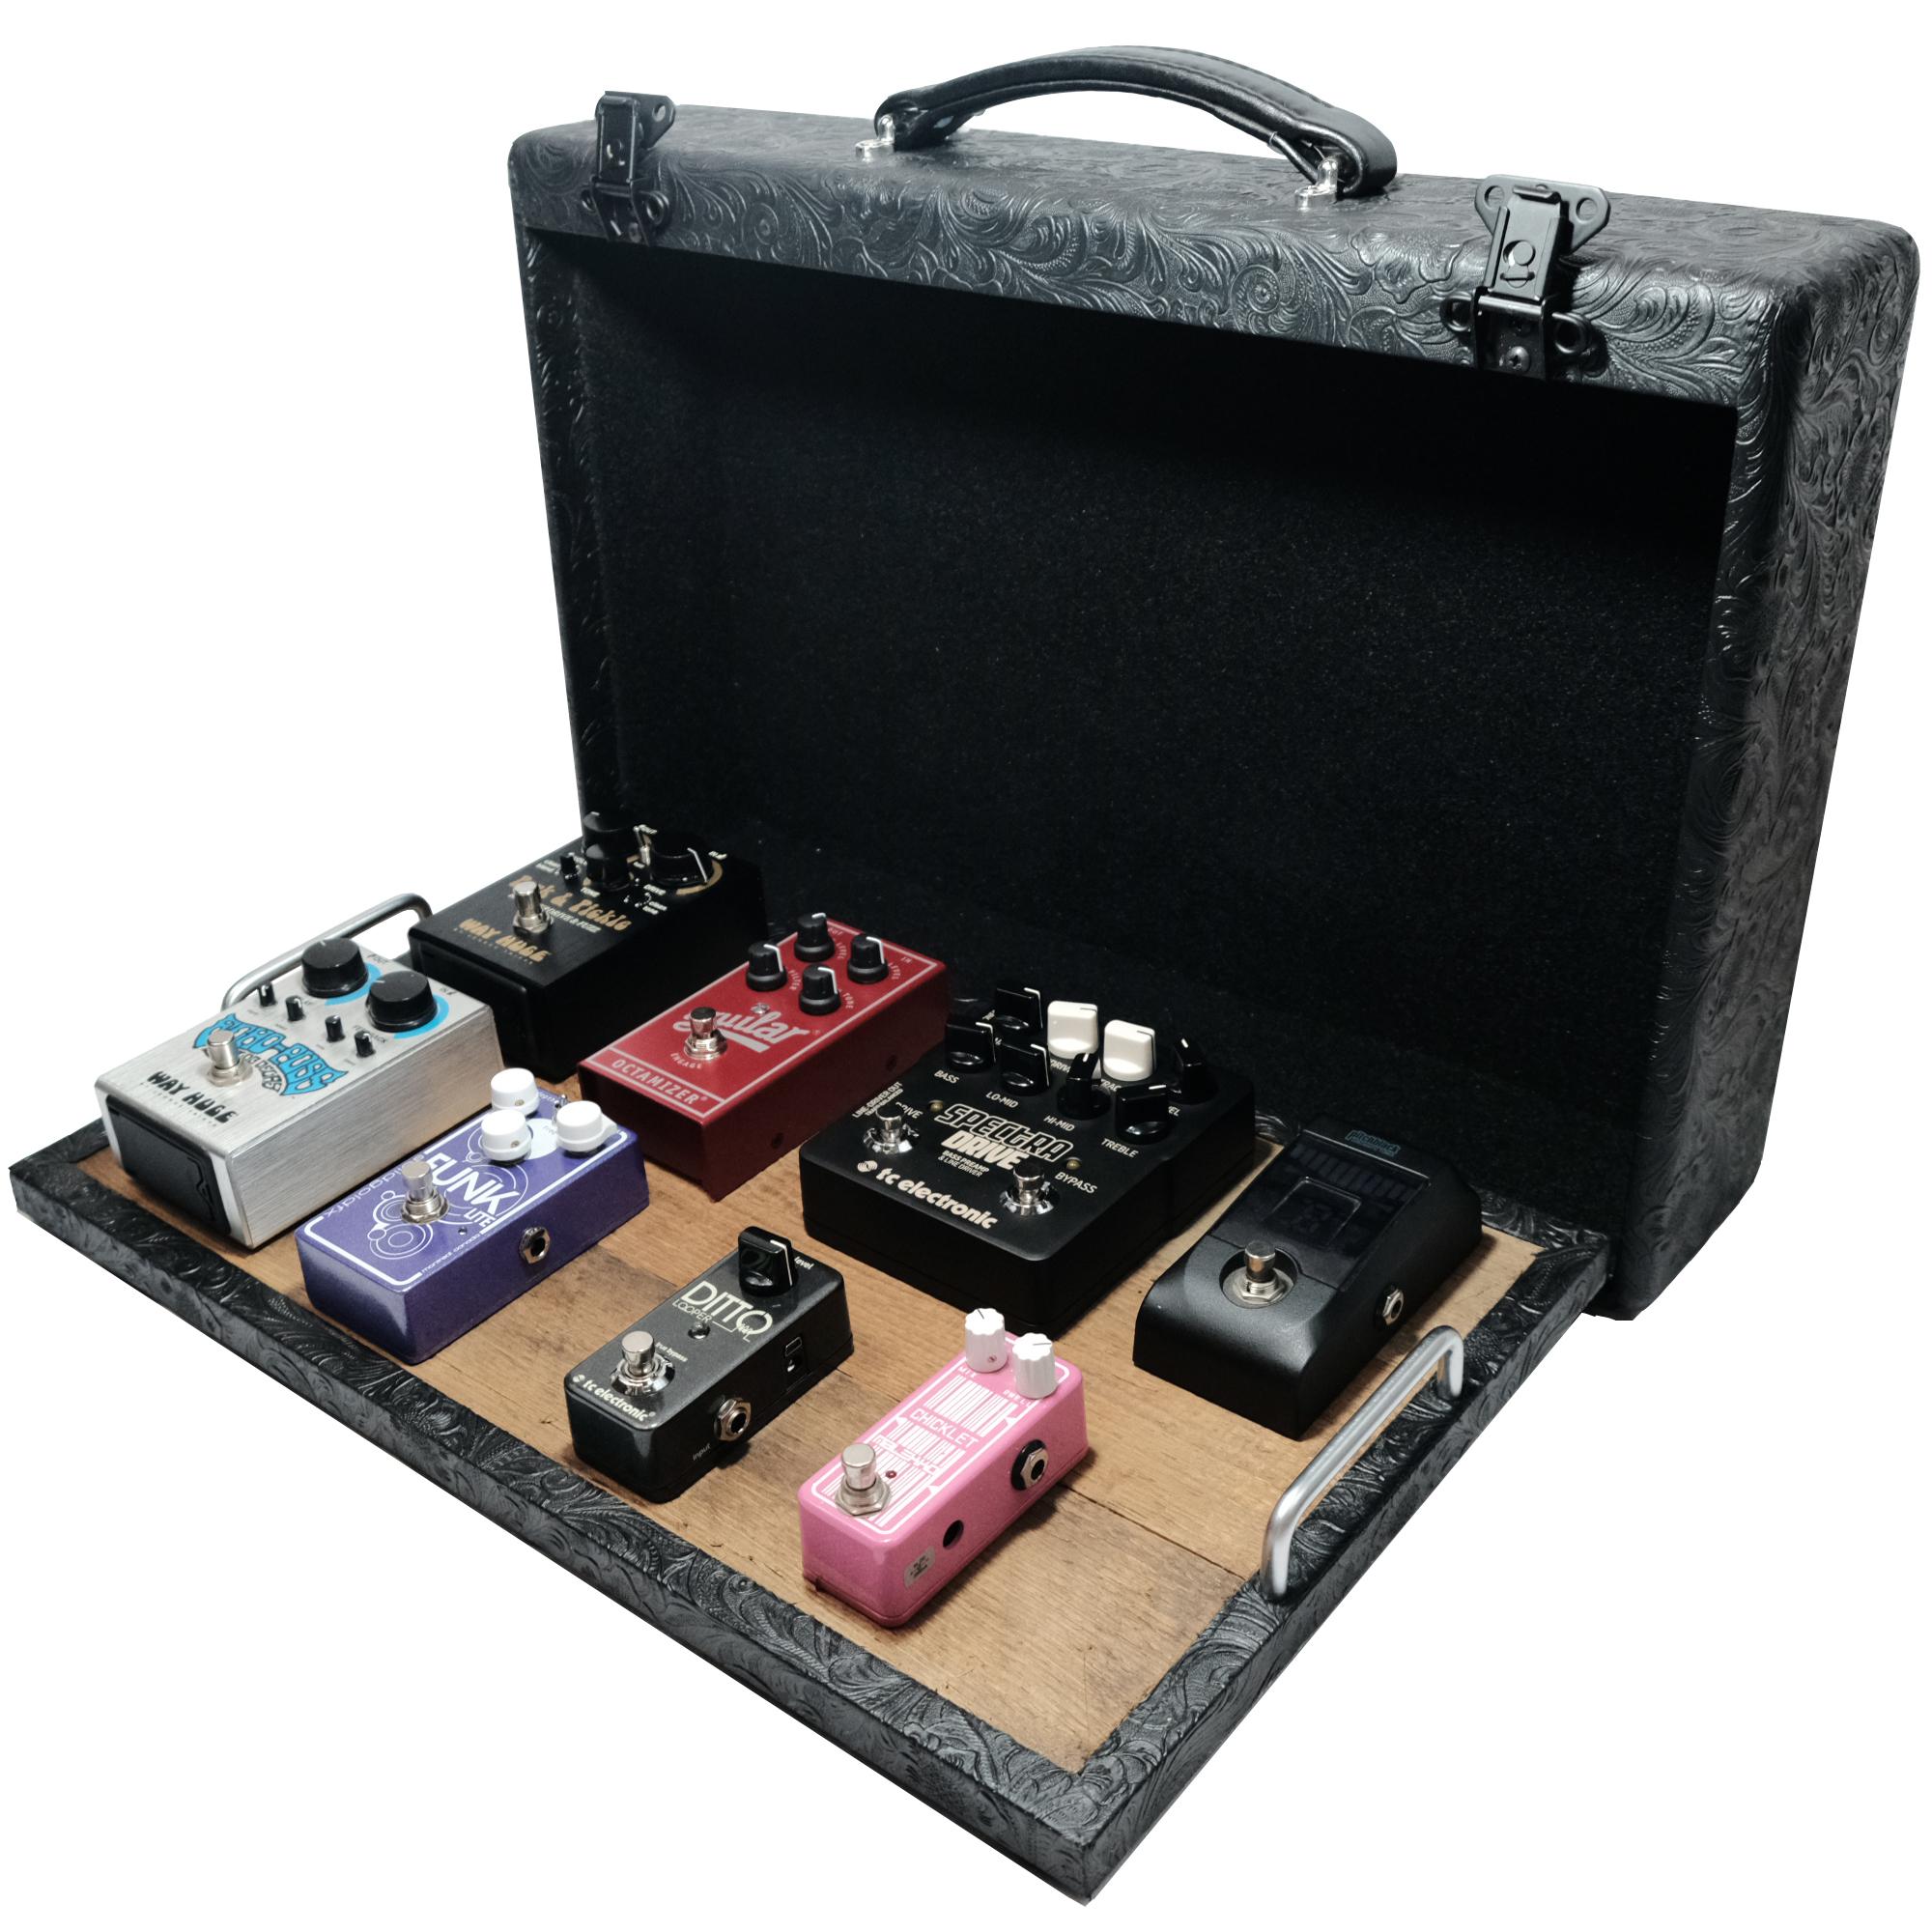 Vboutique 12 x 20 modrn vintage suitcase pedalboard